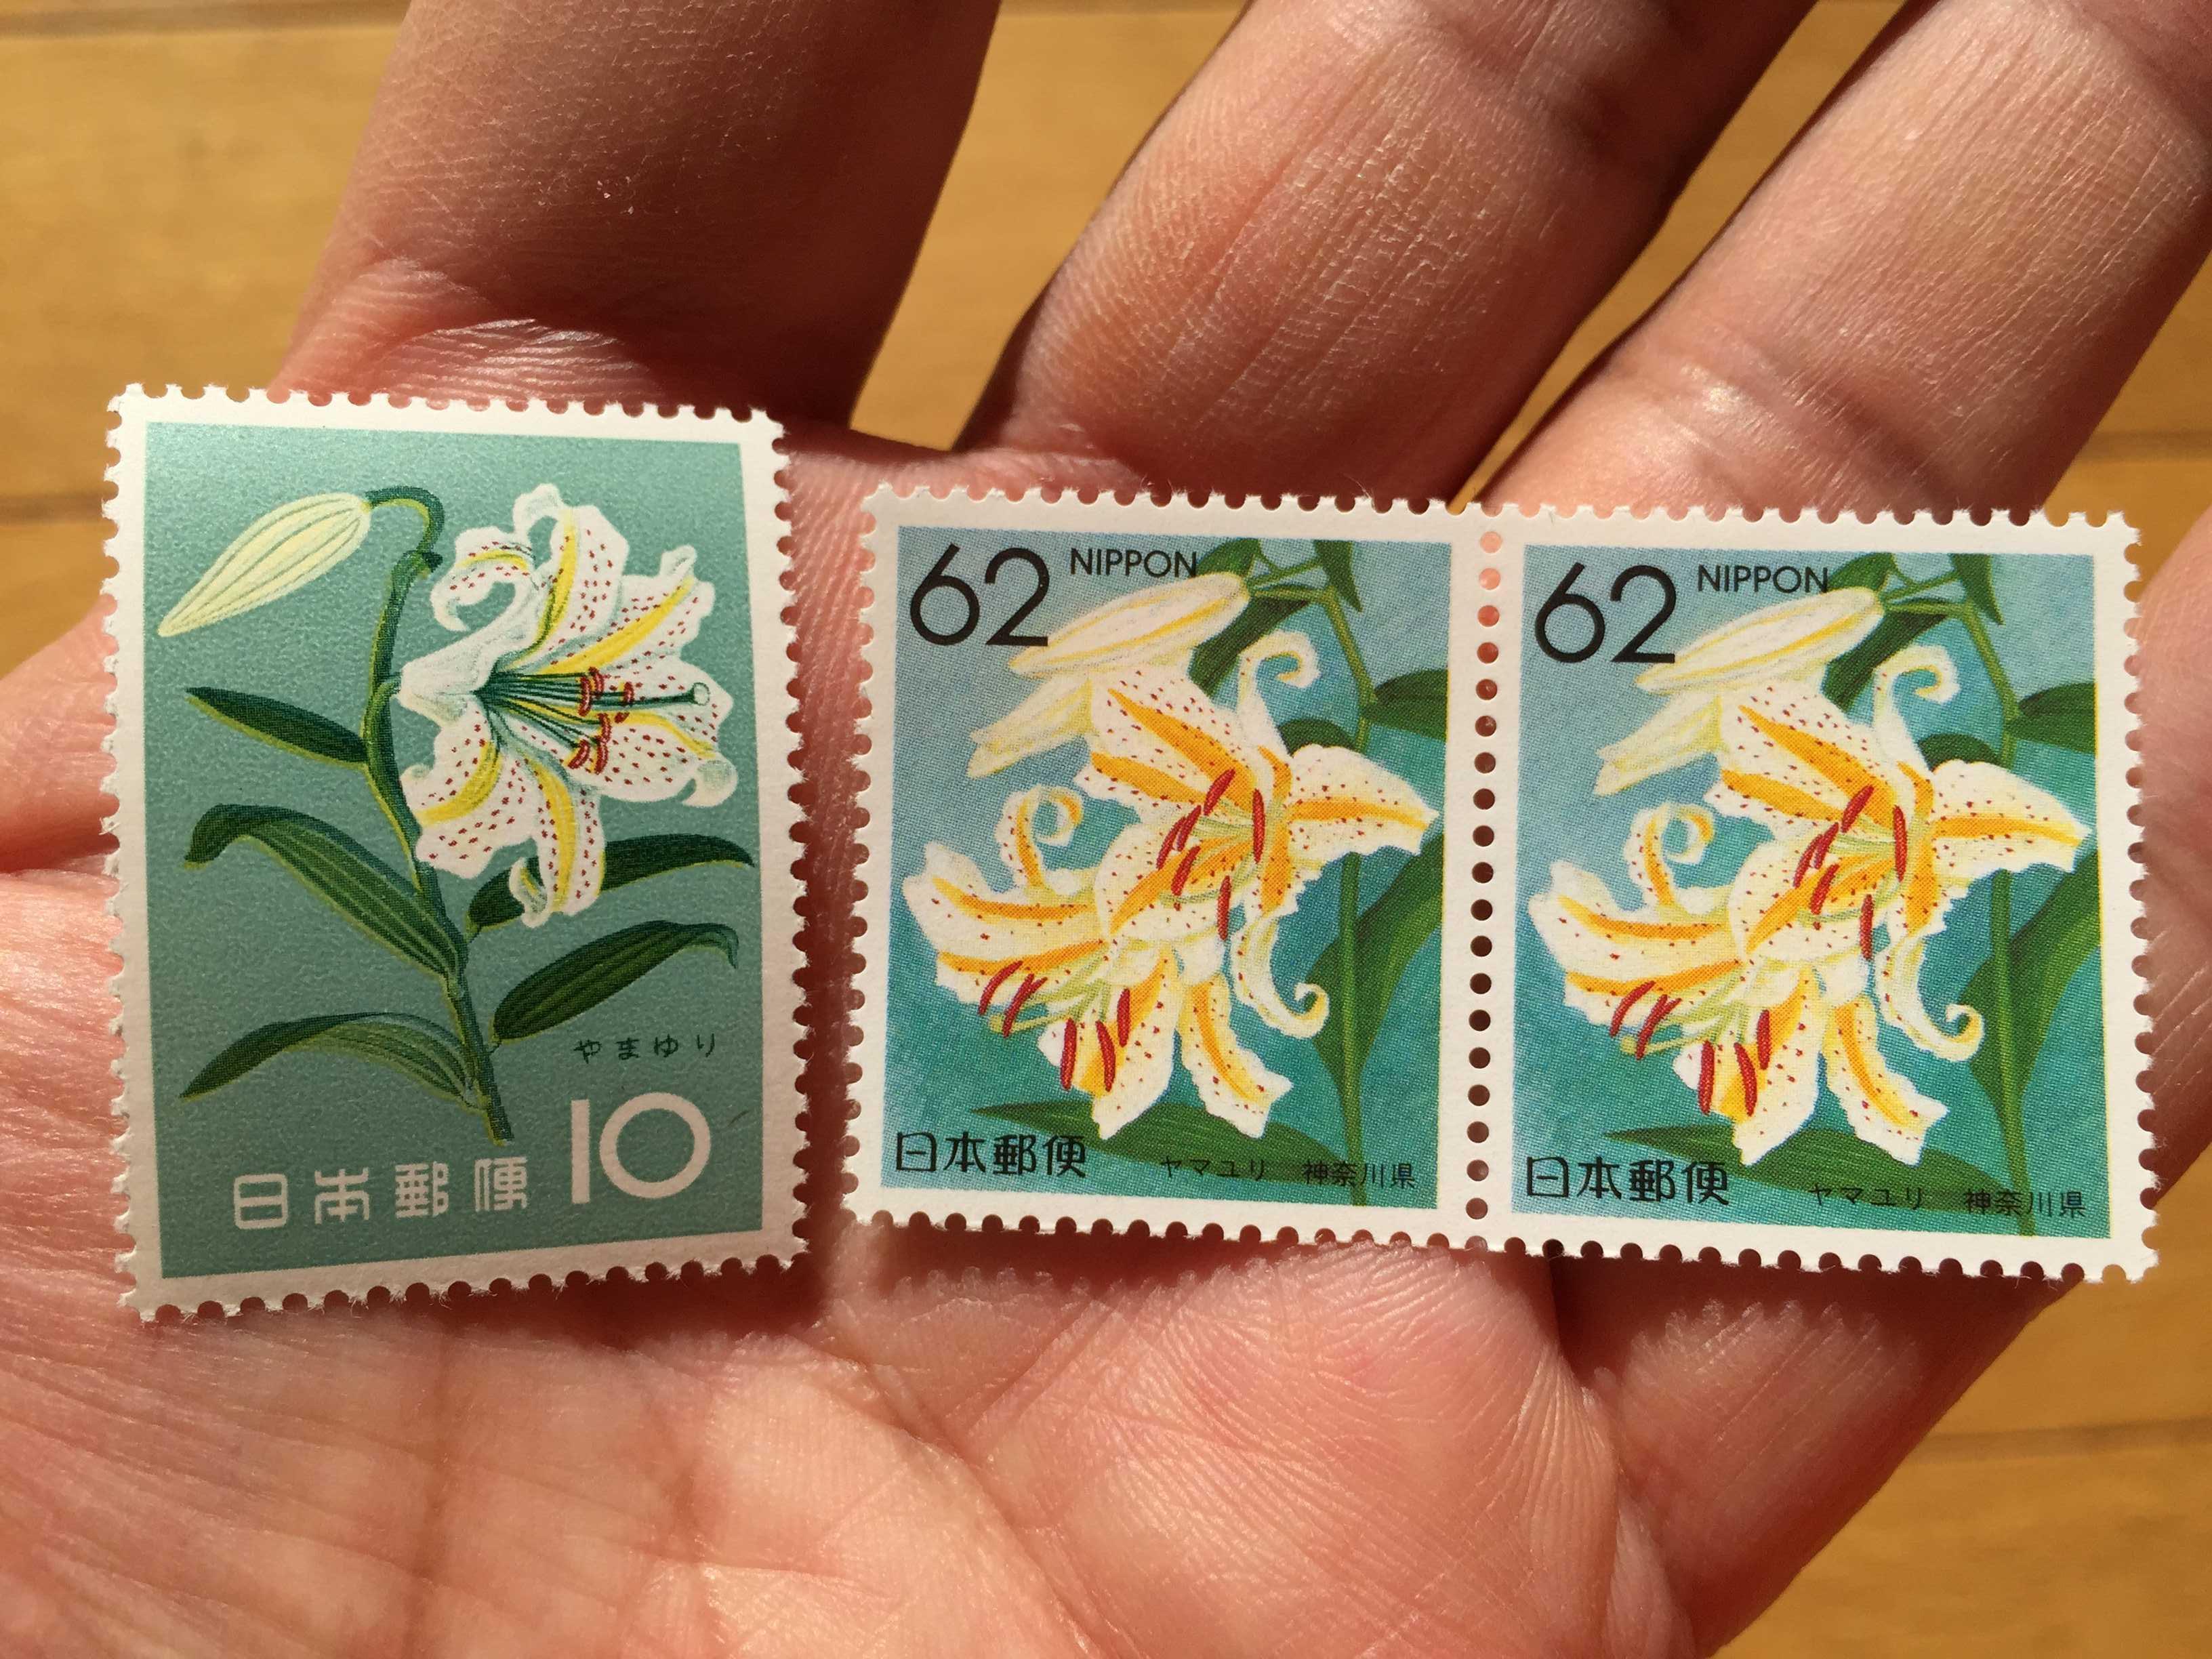 ヤマユリの切手 - 日本郵便